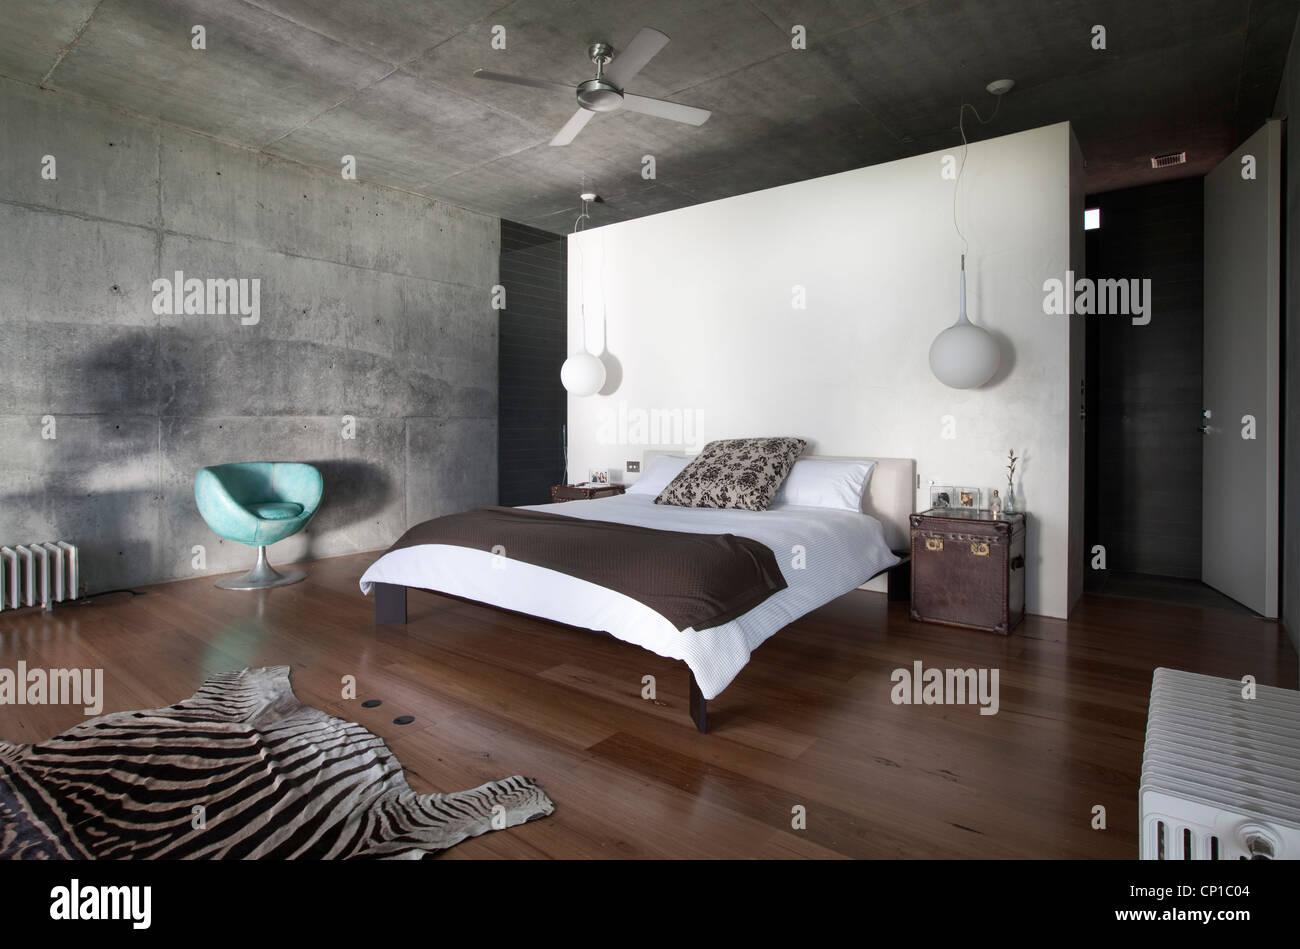 Trennwand schlafzimmer stunning trennwand glas for Schlafzimmer mit trennwand